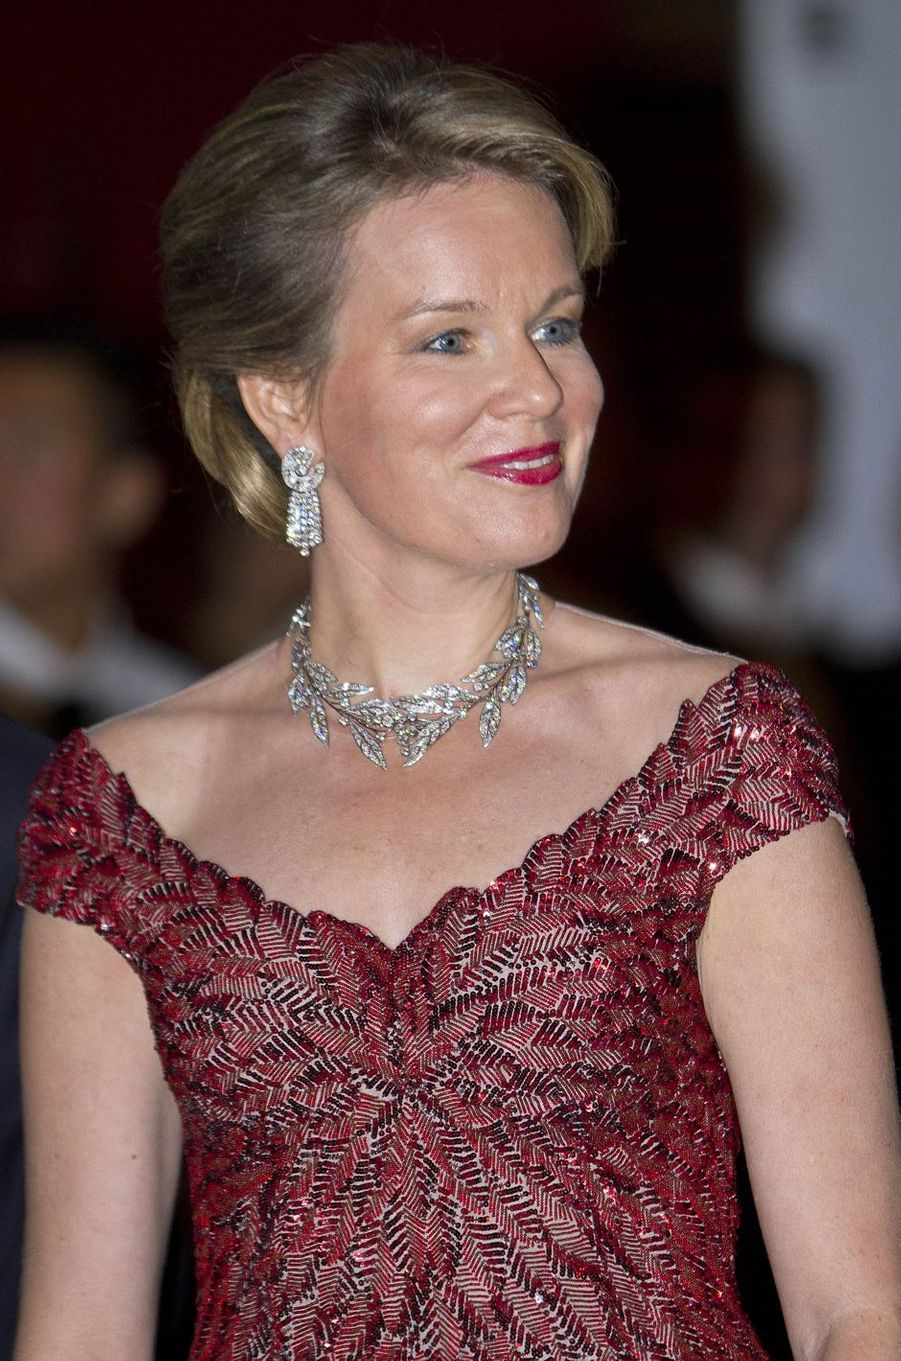 La reine Mathilde de Belgique à Amsterdam, le 29 novembre 2016